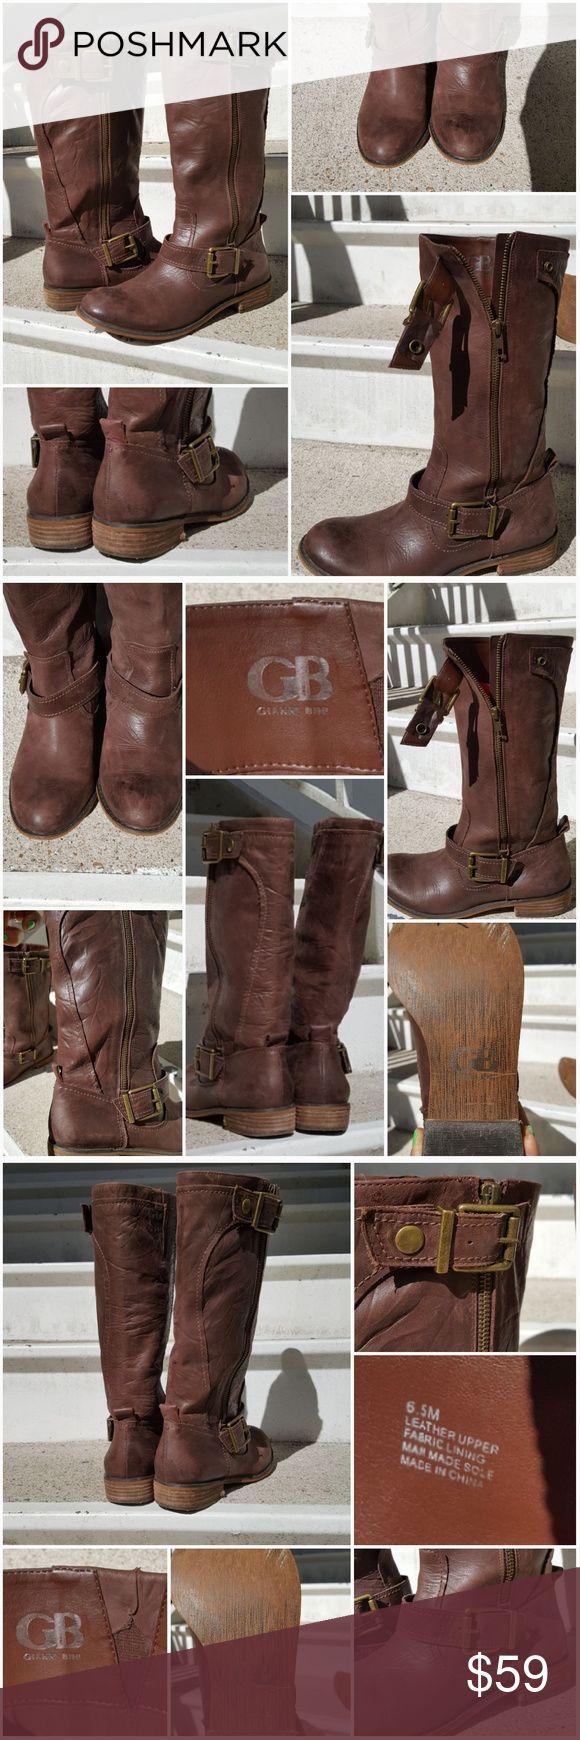 Gianni Bini Brown Leather Boots Gianni Bini Brown Leather Boots  SIZE 6.5 Gianni Bini Shoes Combat & Moto Boots